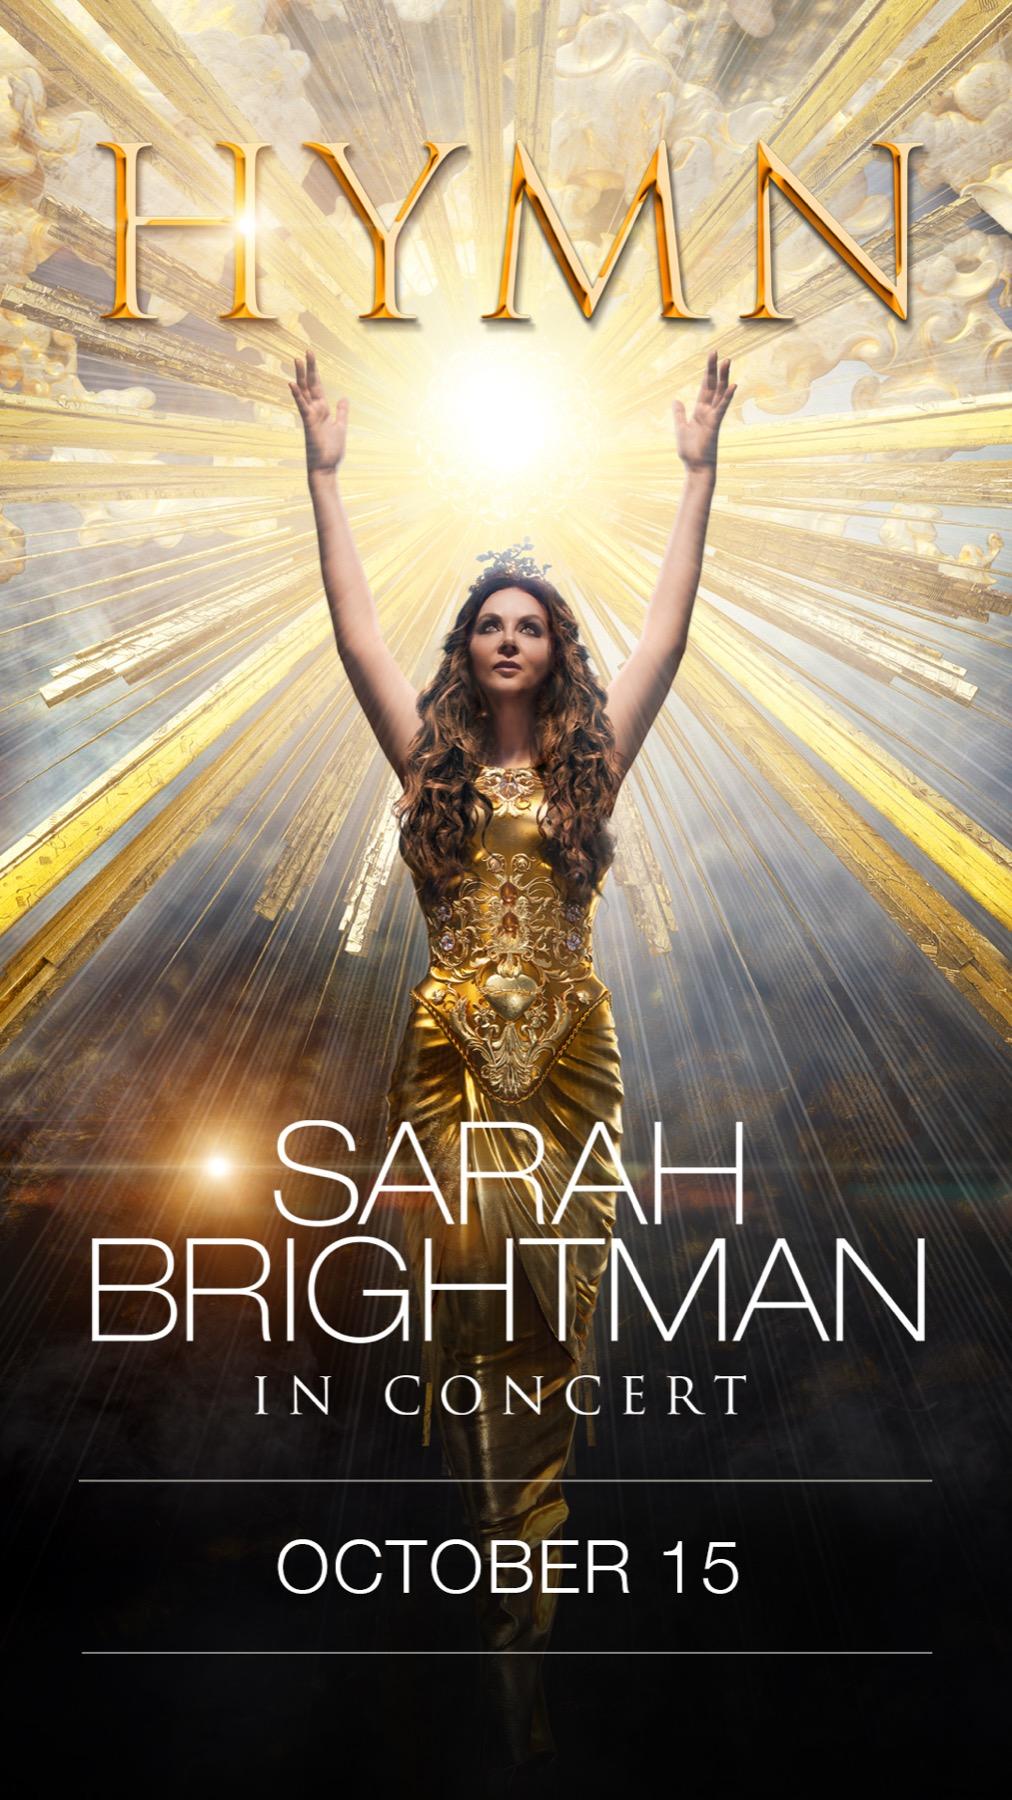 Sarah Brightman: HYMN In Concert